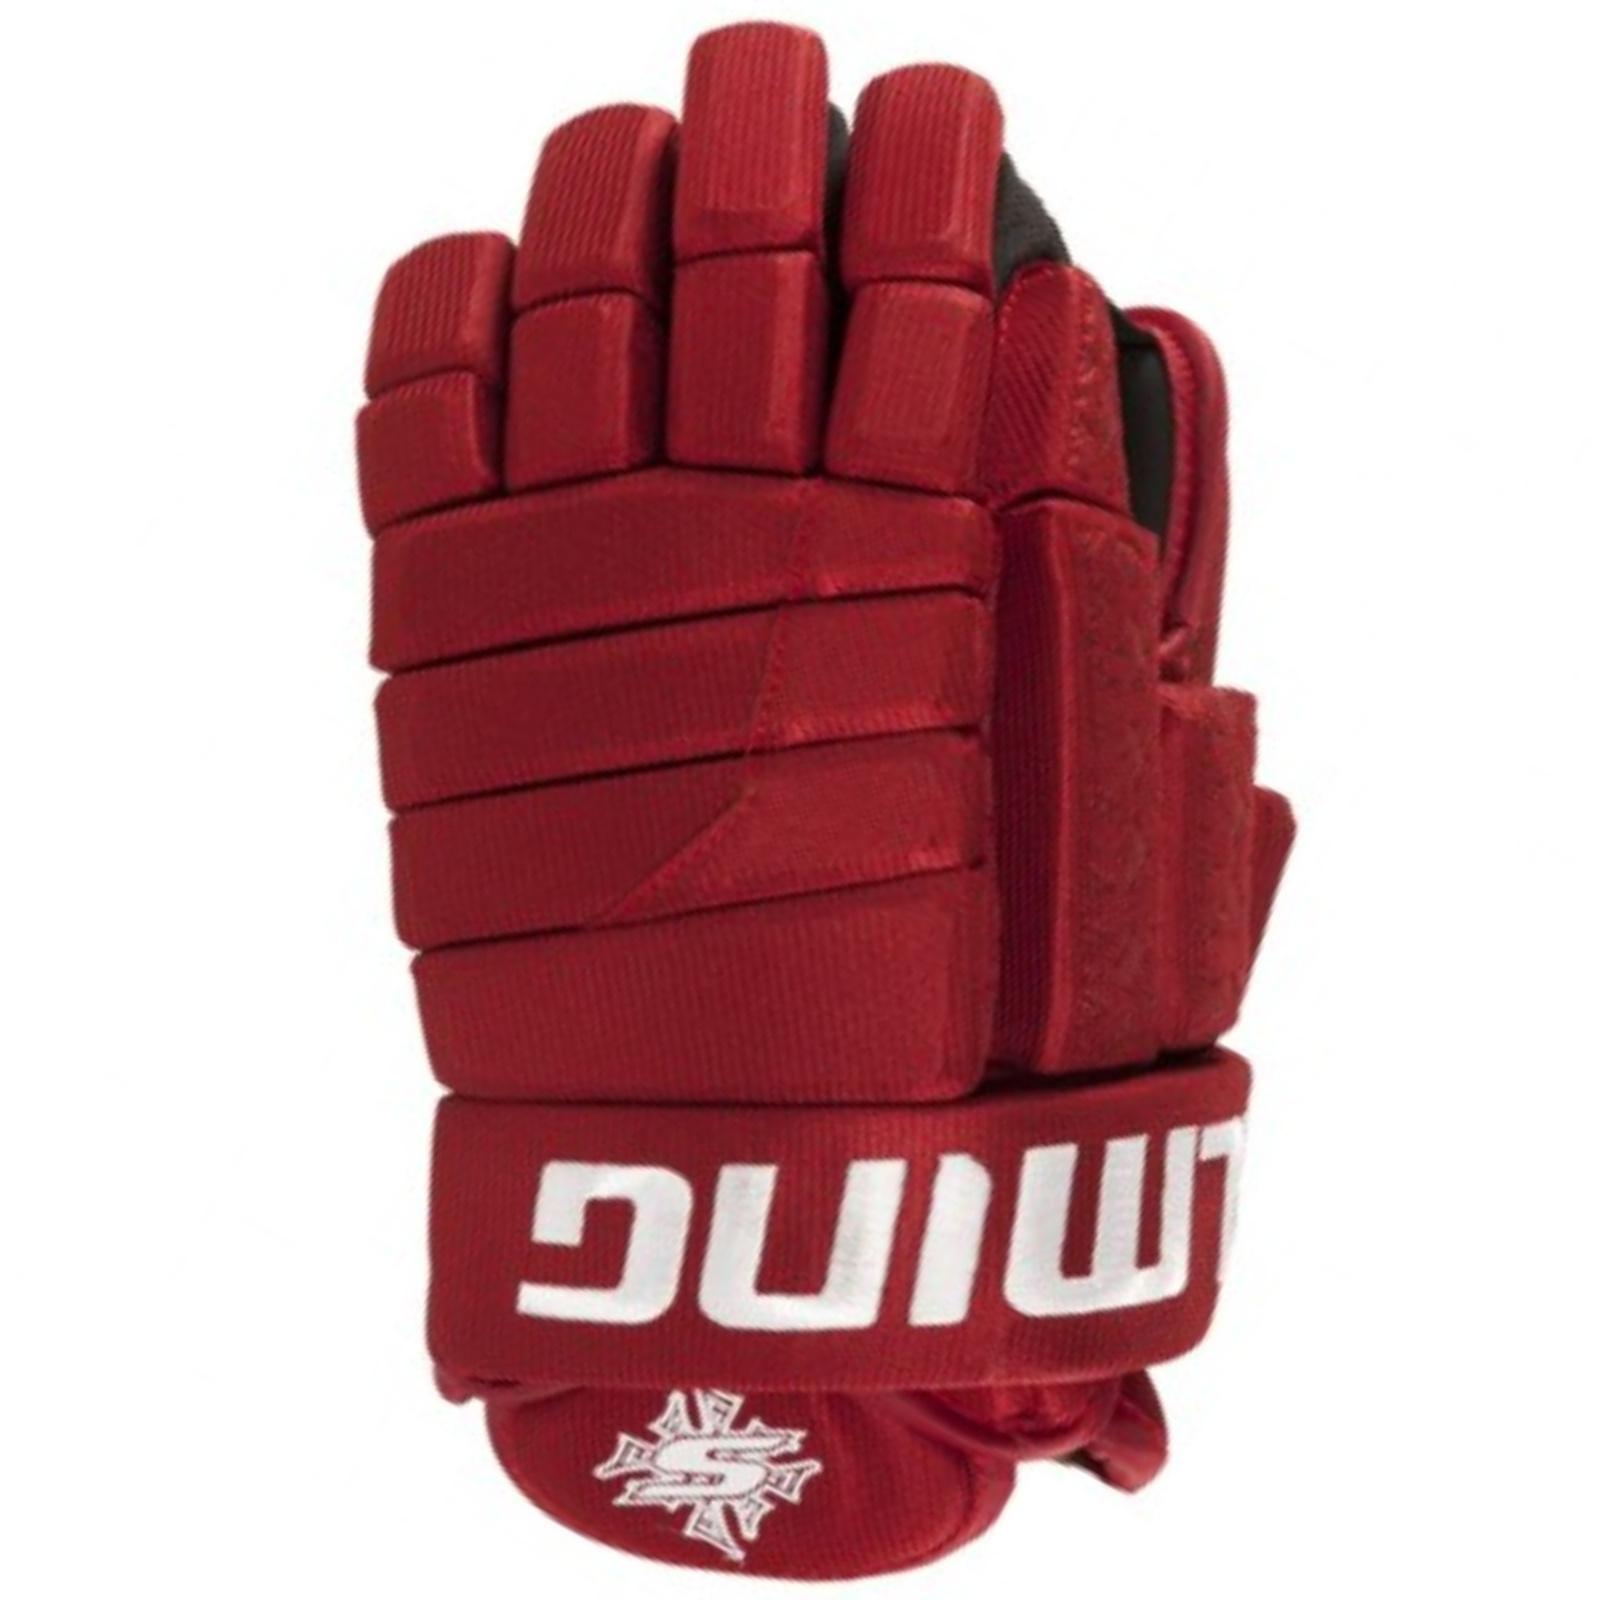 Hokejové rukavice SALMING Glove M11 - červené vel'. 13''